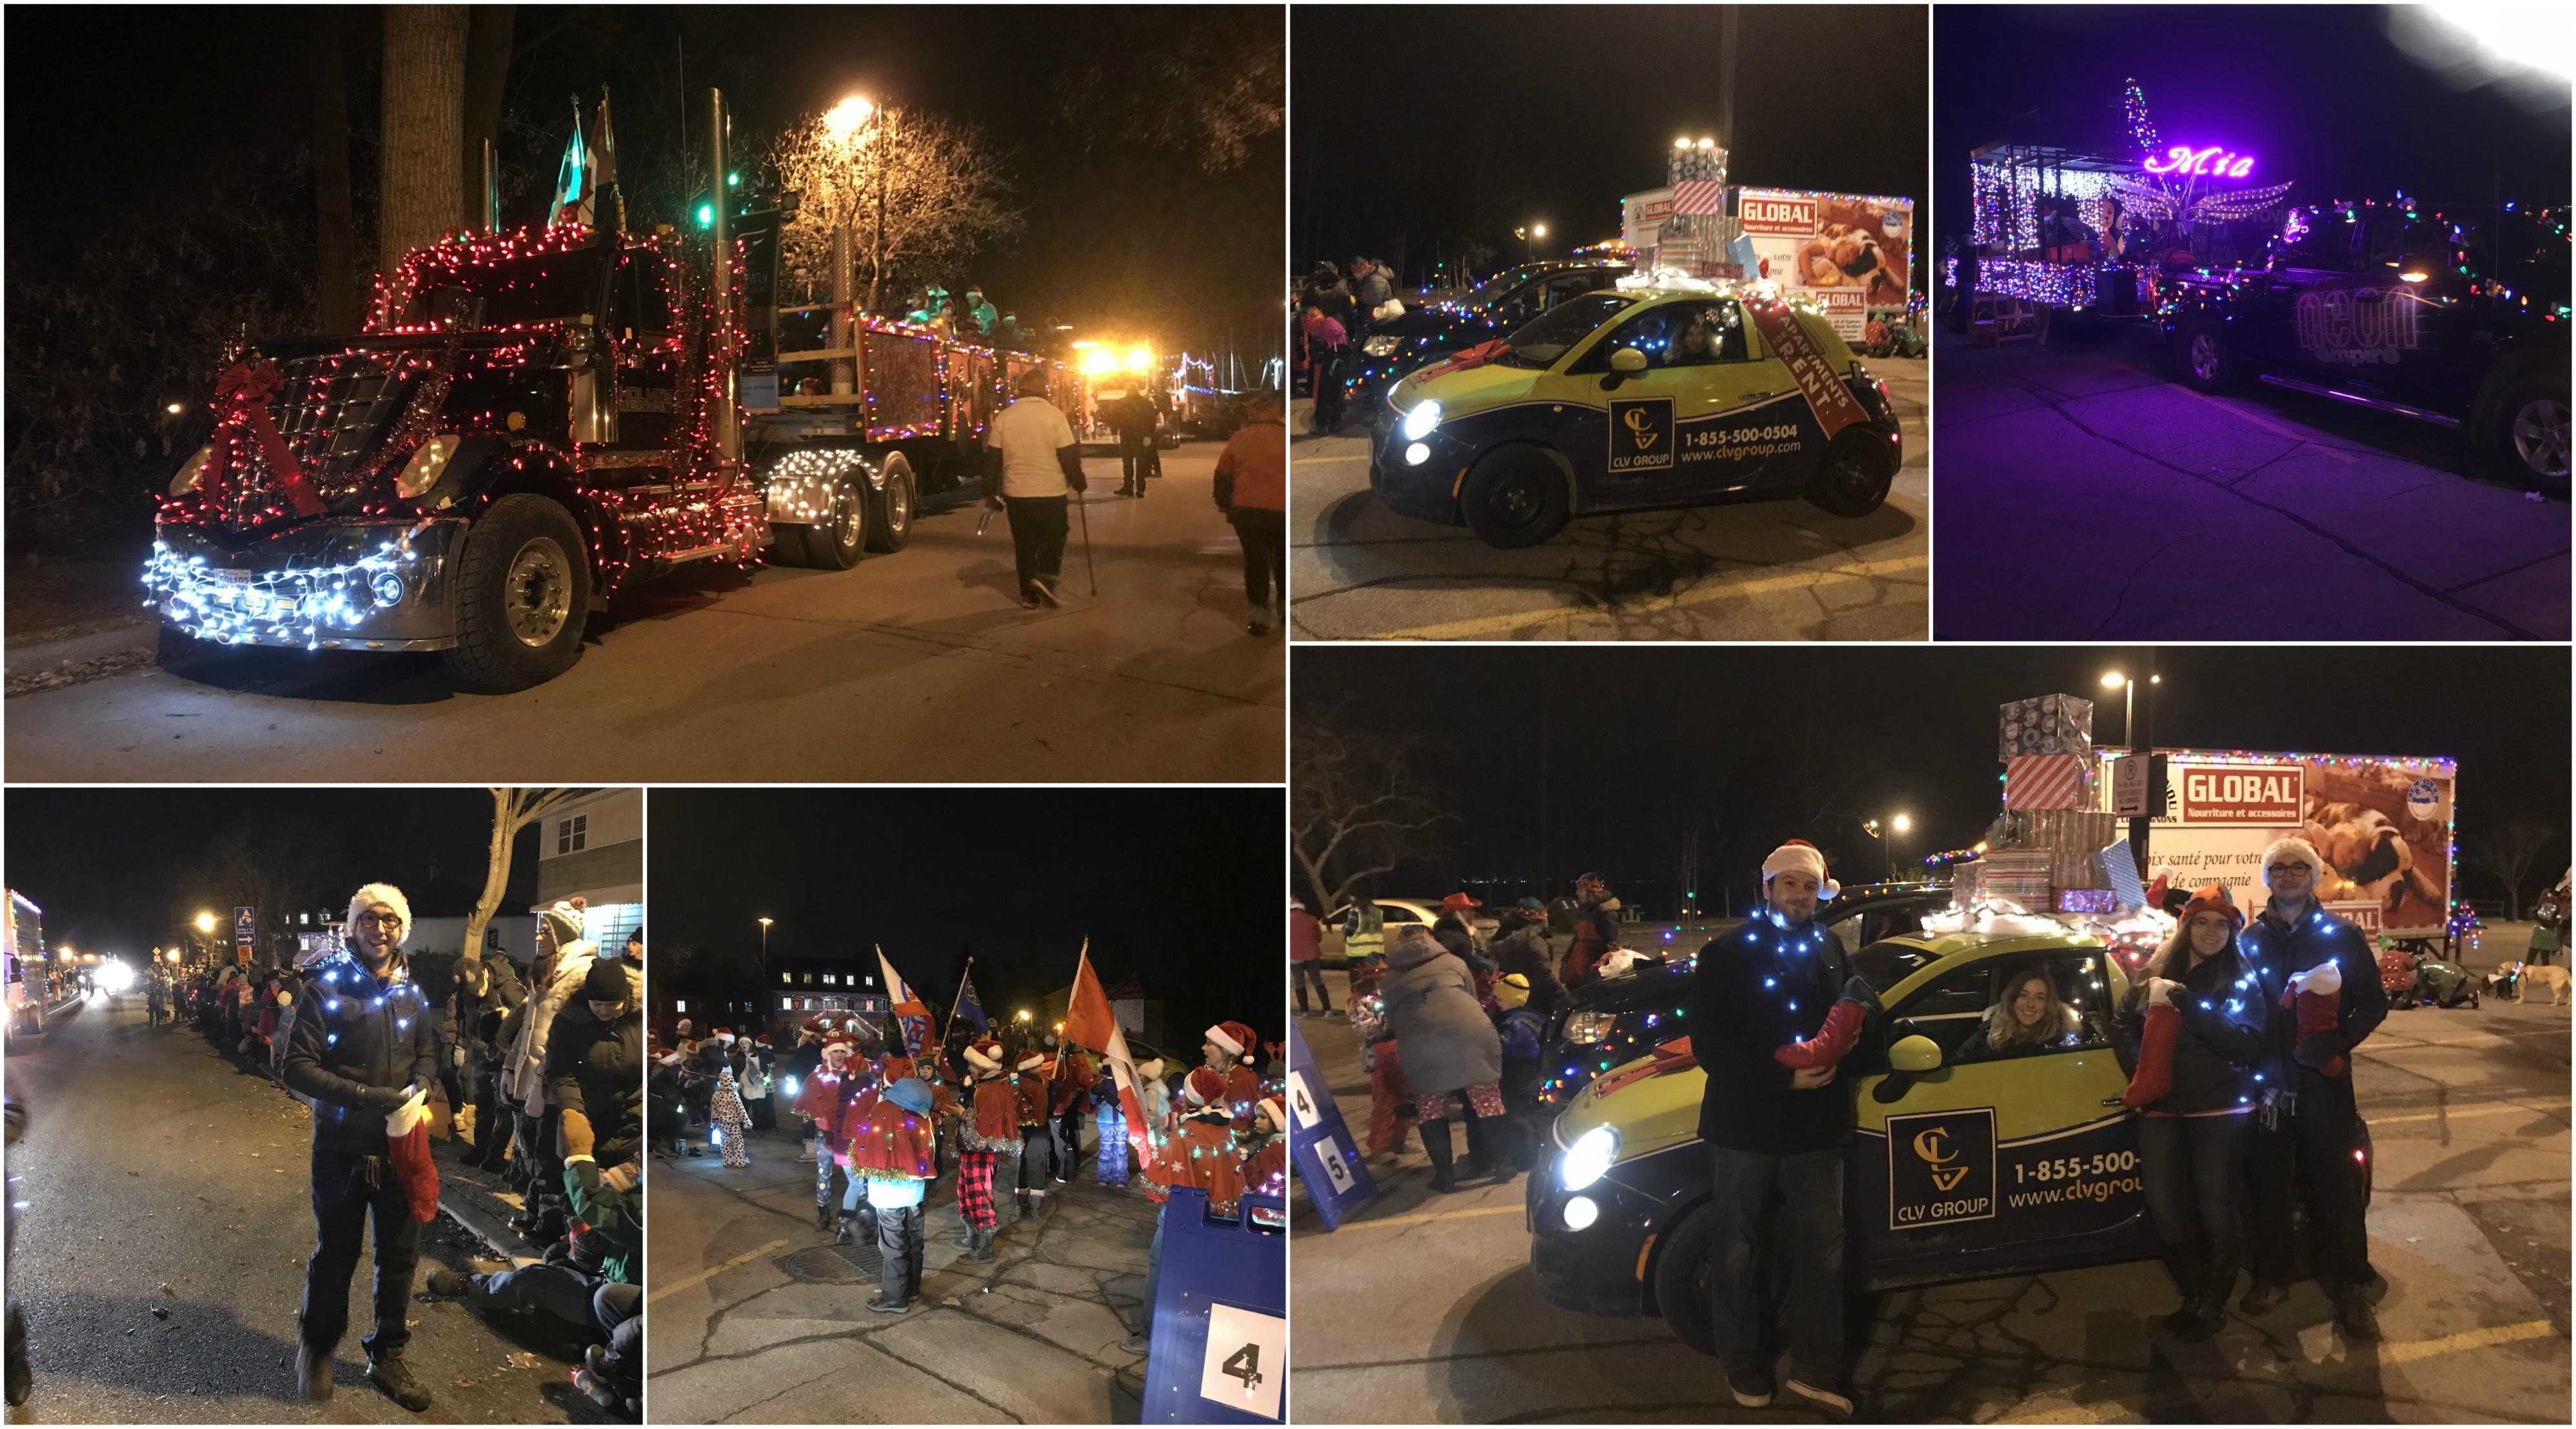 clv-group-parade-hohoho-photos